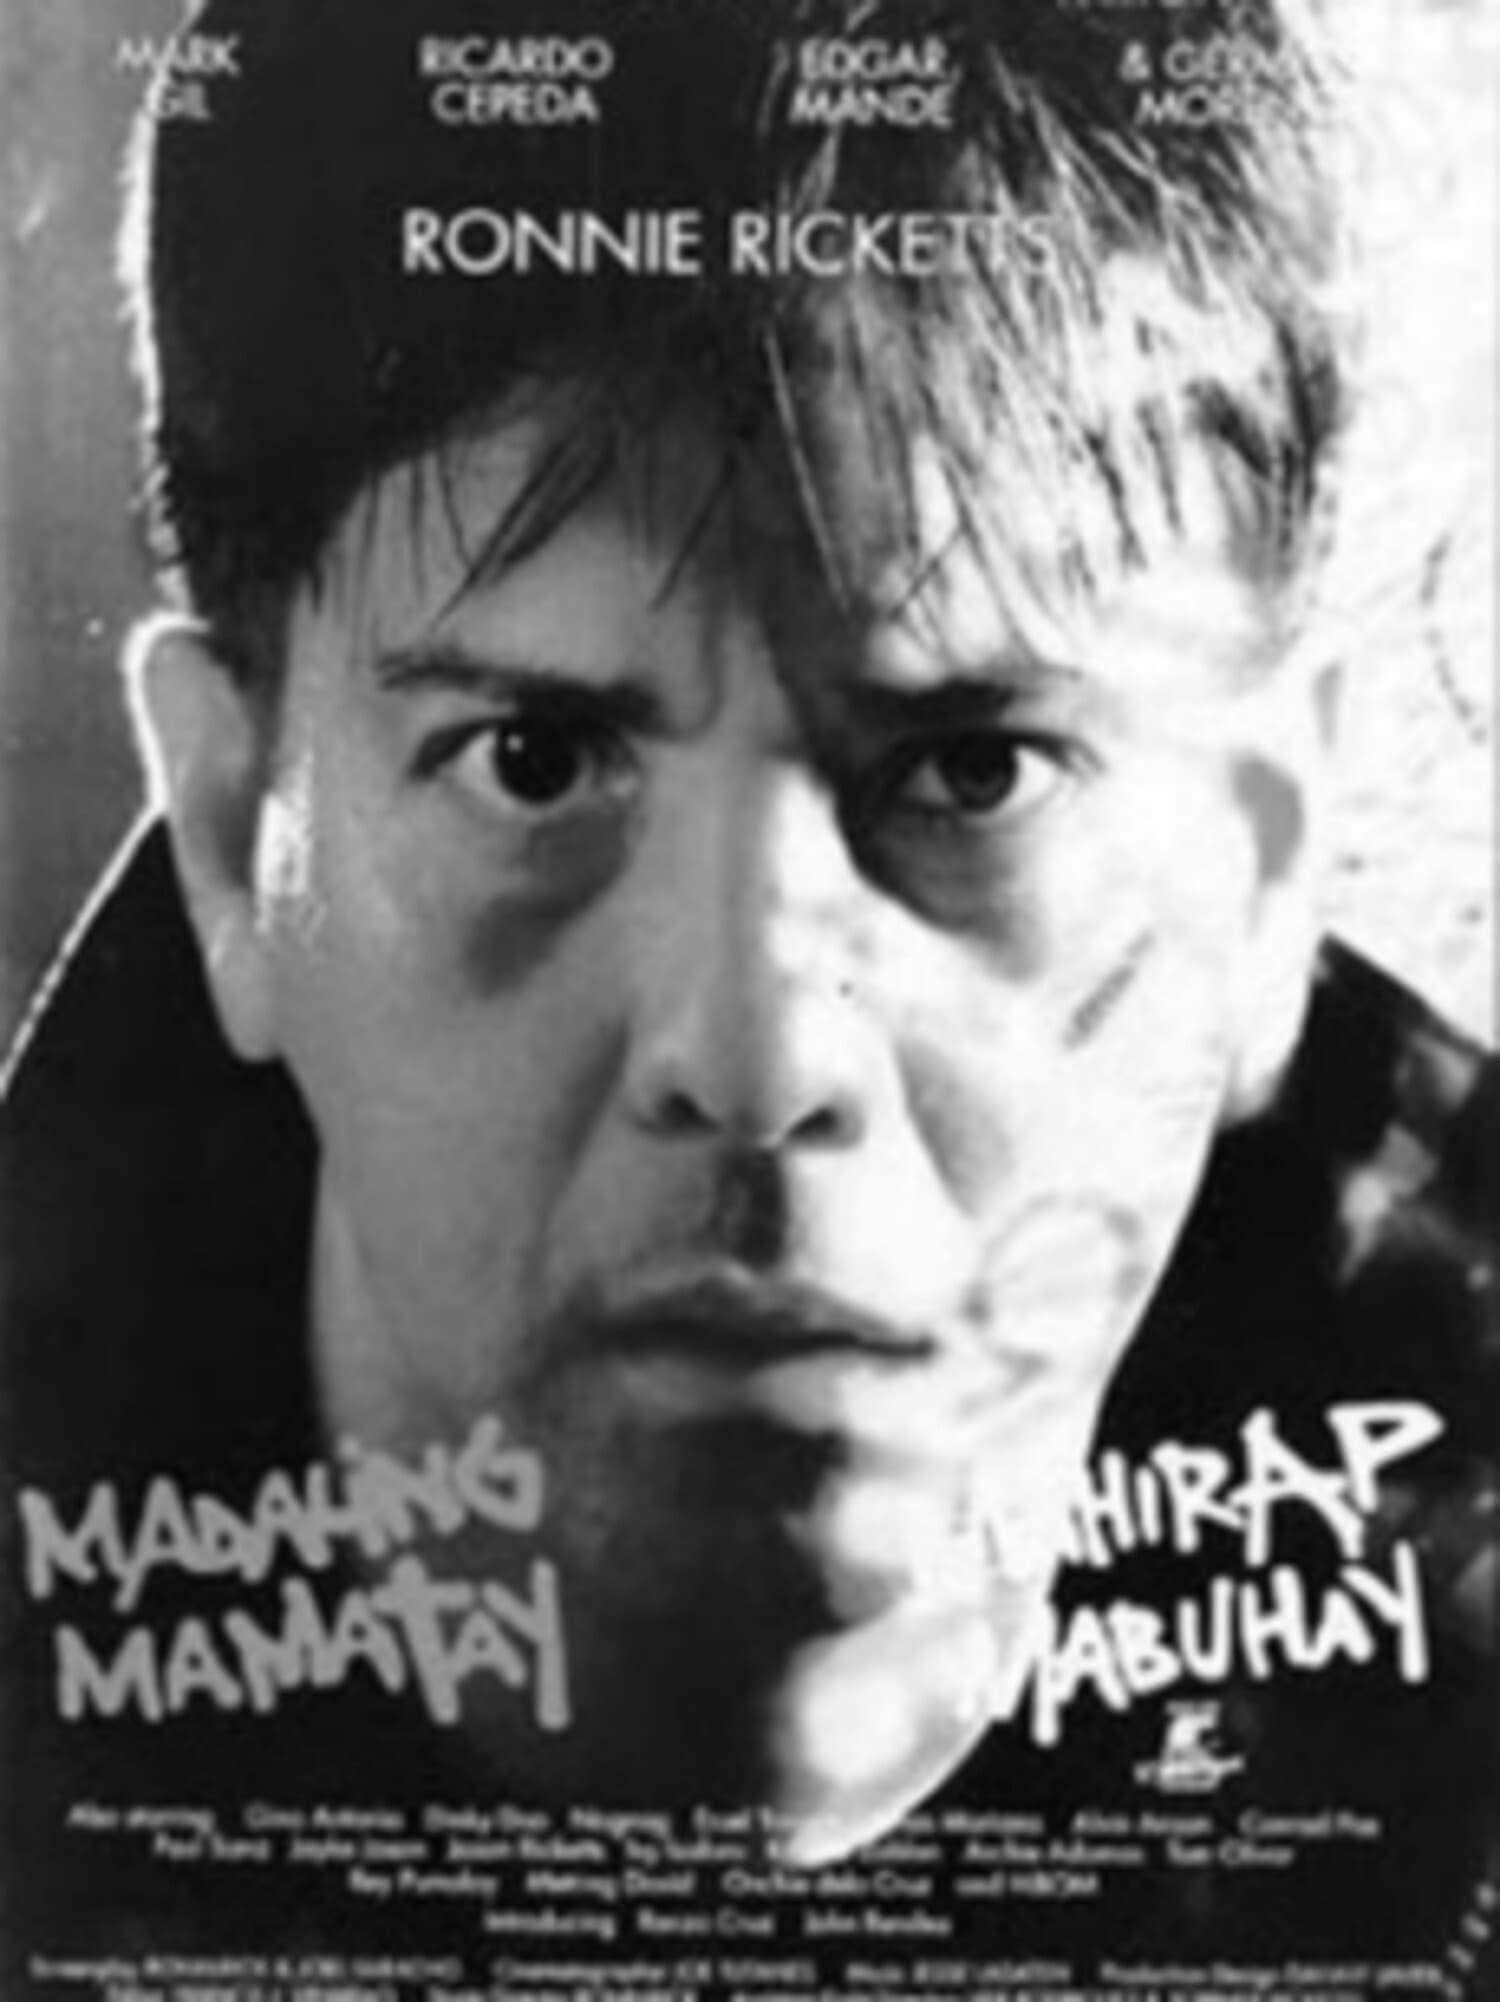 Madaling Mamatay Mahirap Mabuhay